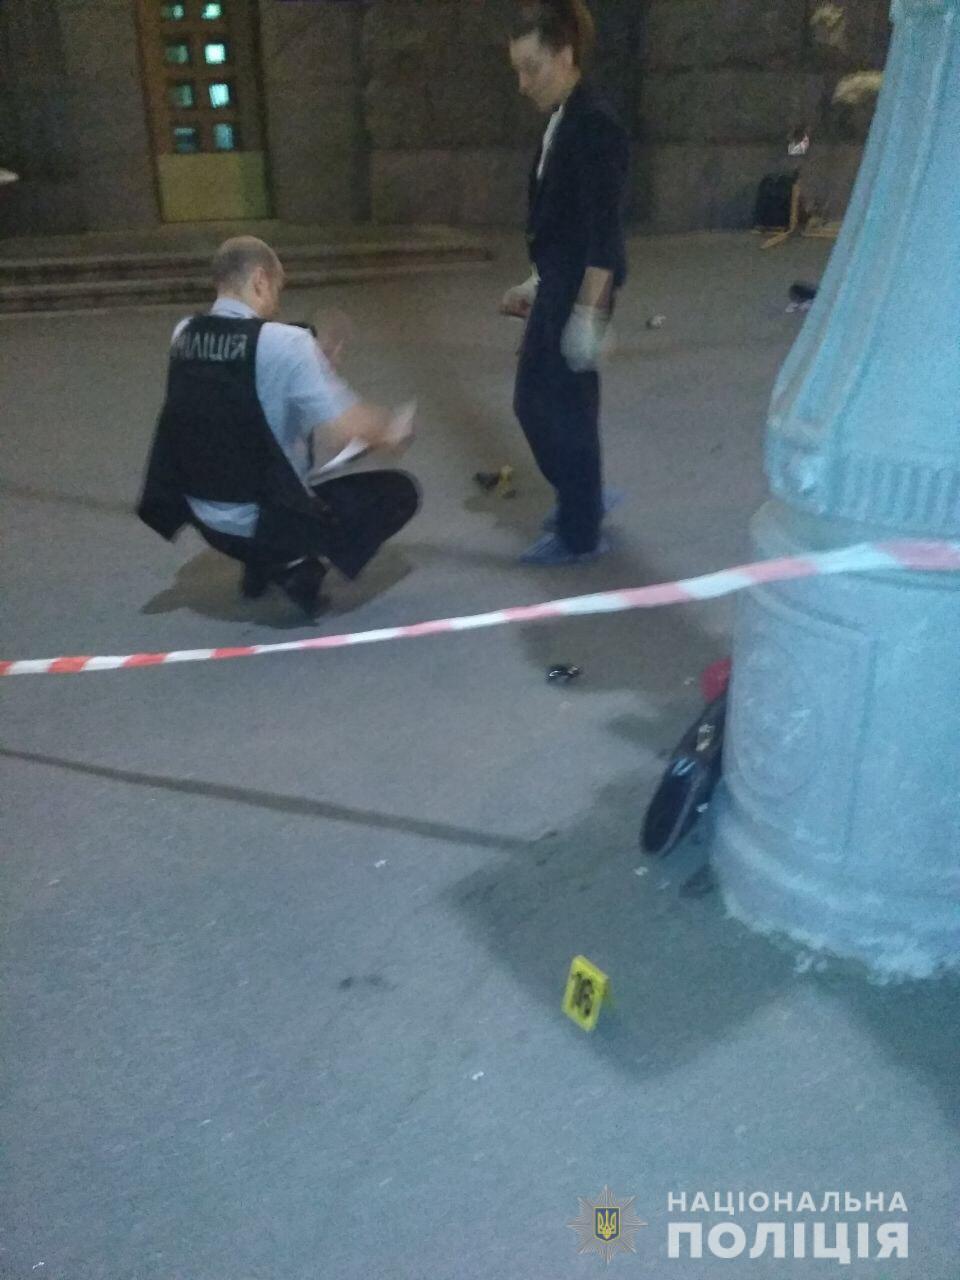 В центре Харькова неизвестный открыл стрельбу, погиб полицейский